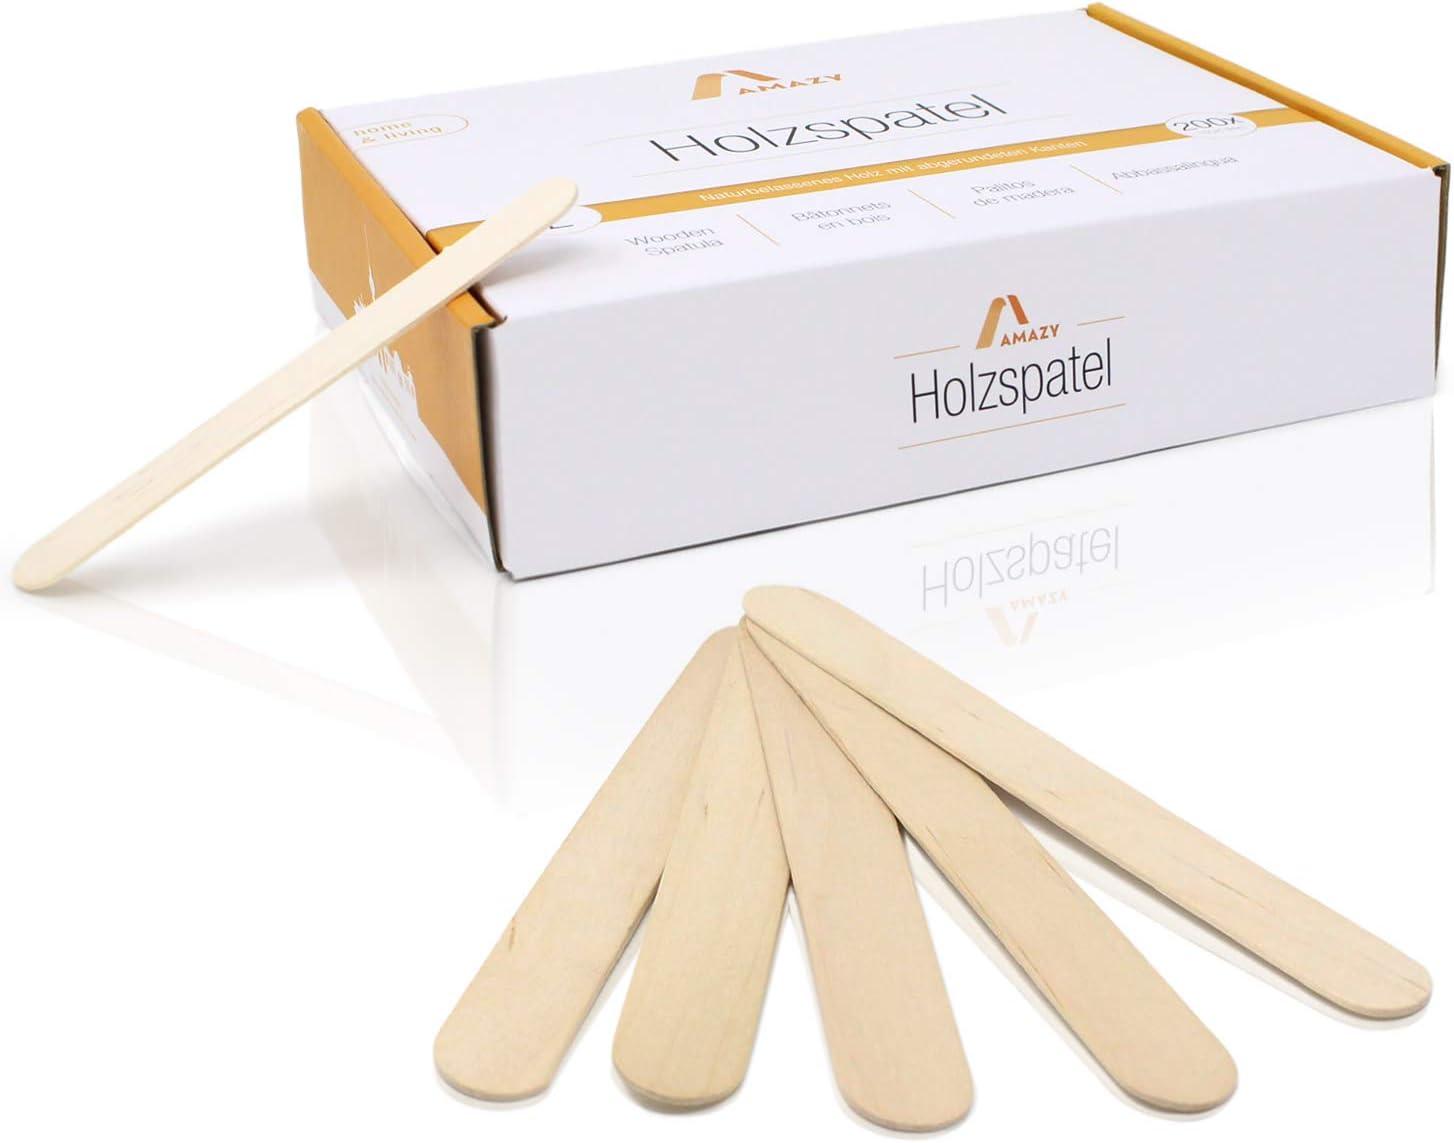 Amazy Palos polo de madera (200 piezas) - Palitos de madera natural ideales para paletas, cera y artesanías (grandes | 150 x 18 mm)